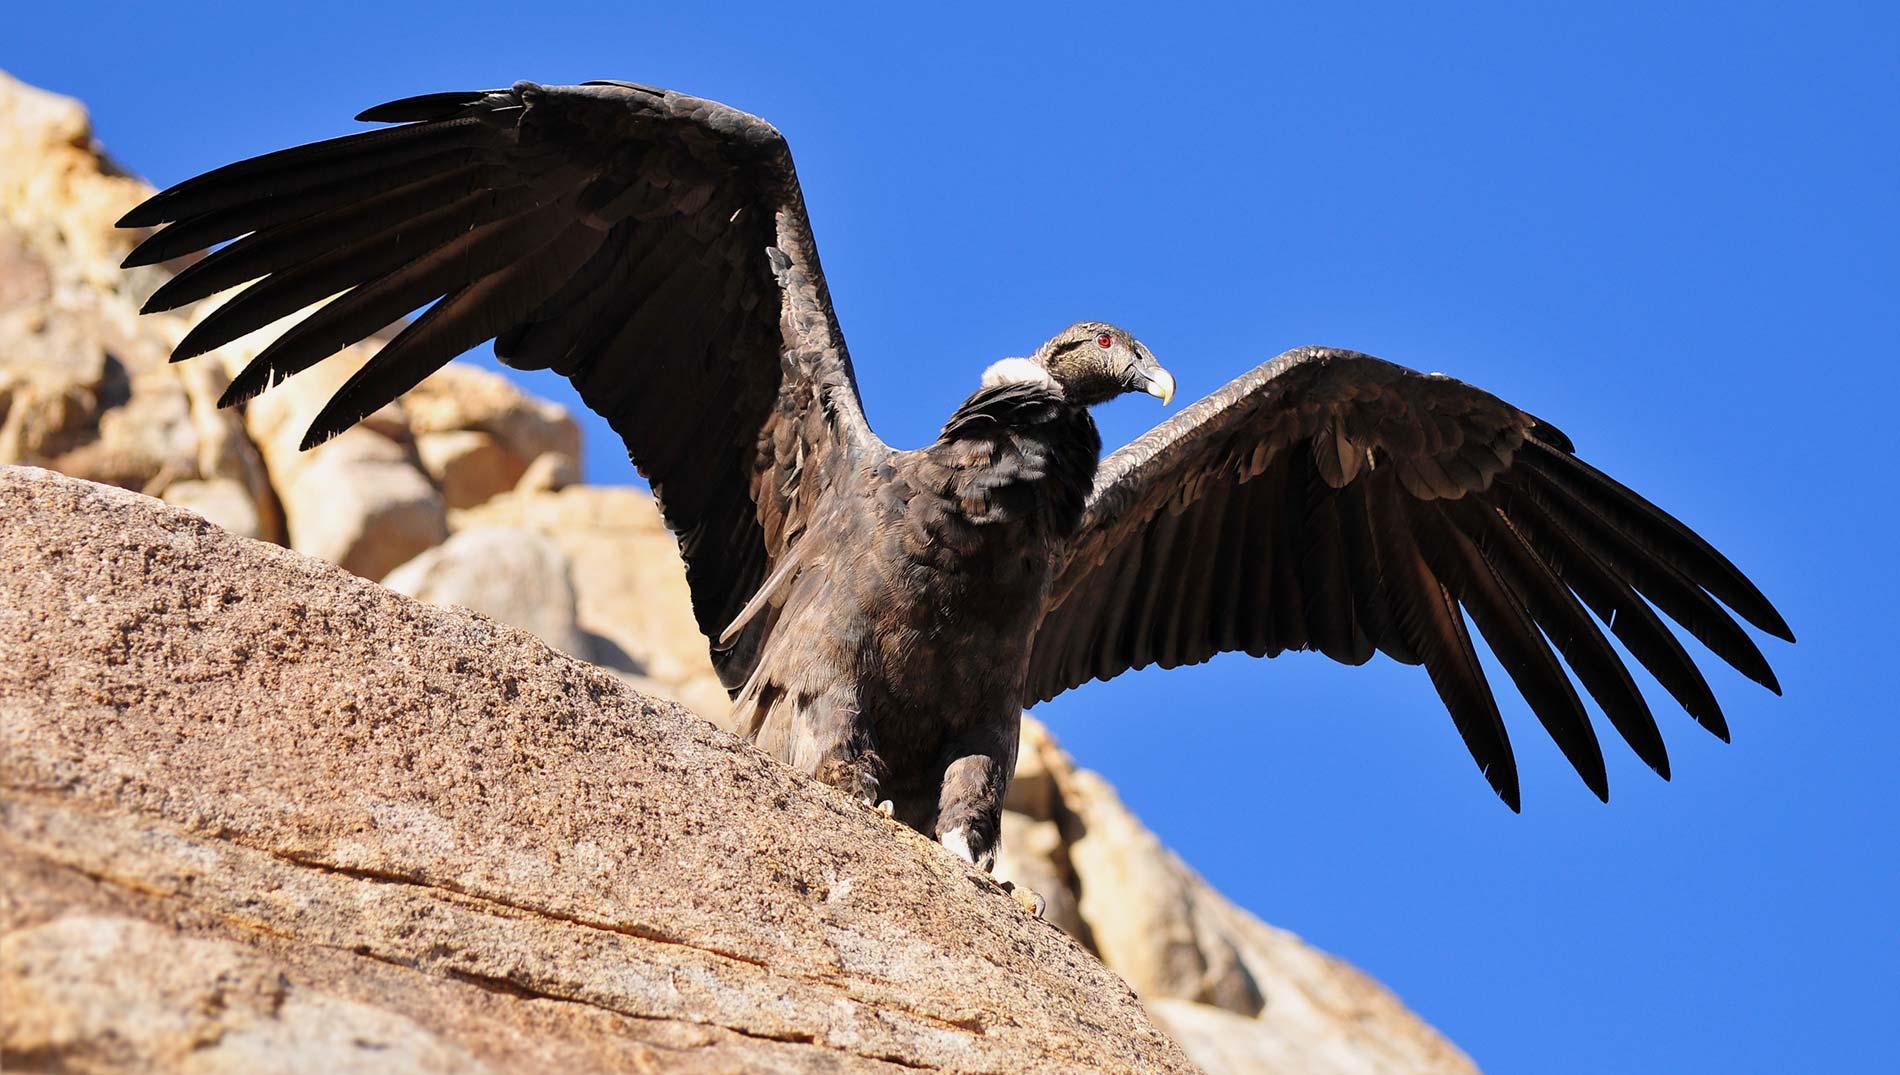 The condor of Las Arenas Valley